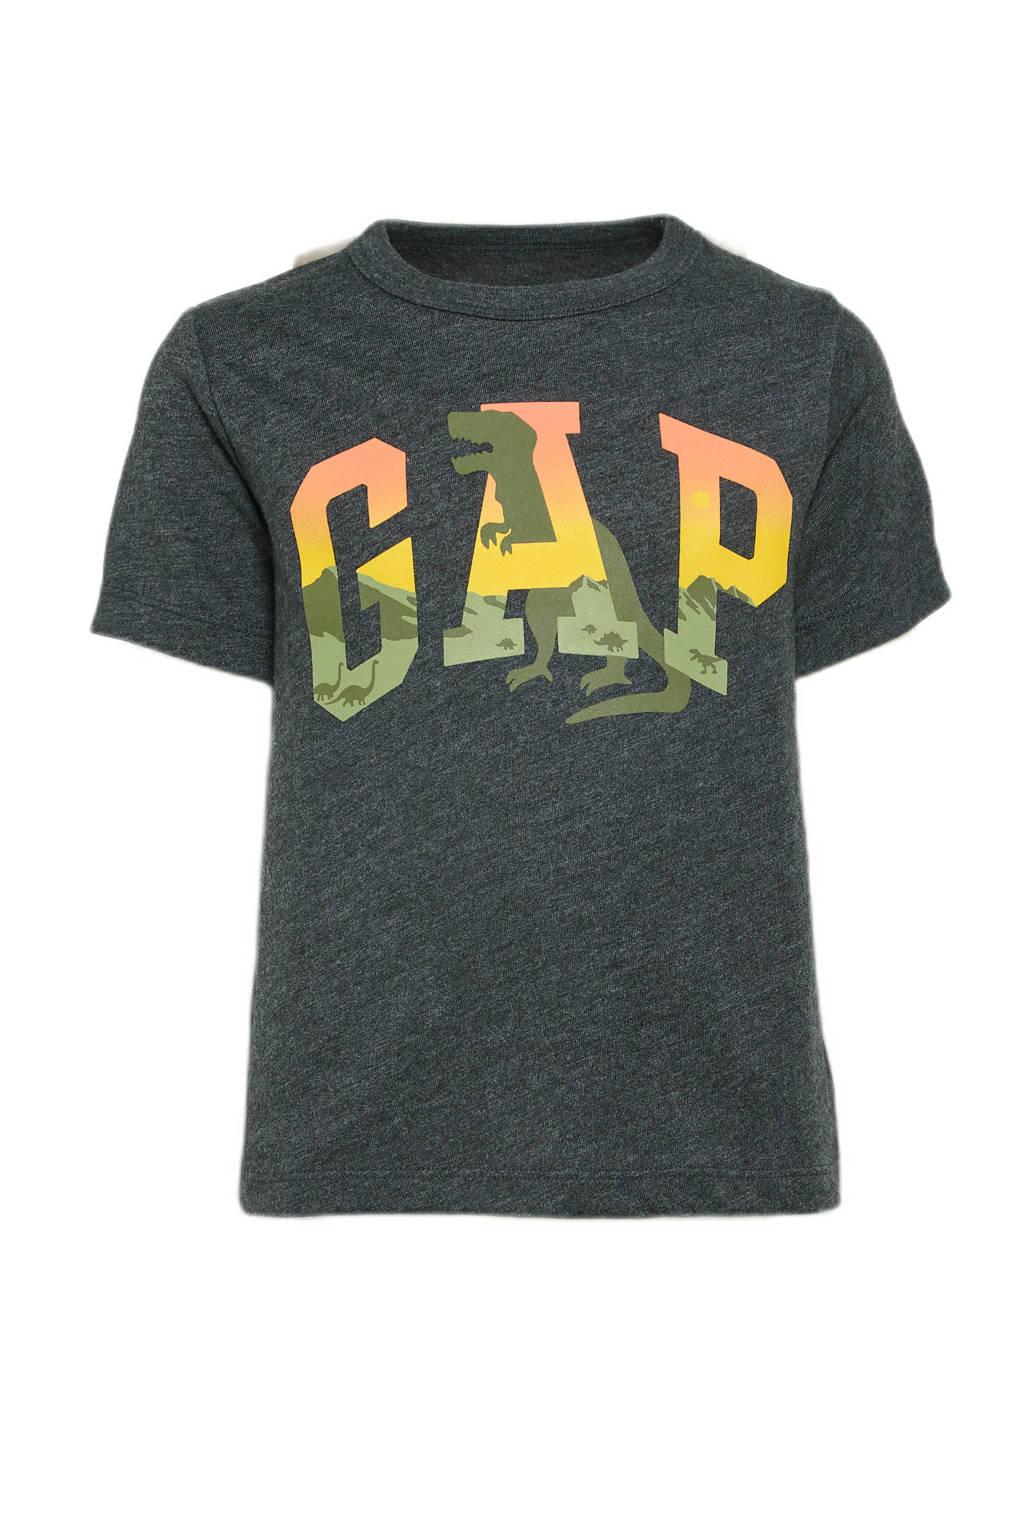 GAP T-shirt met logo antractiet, Antractiet